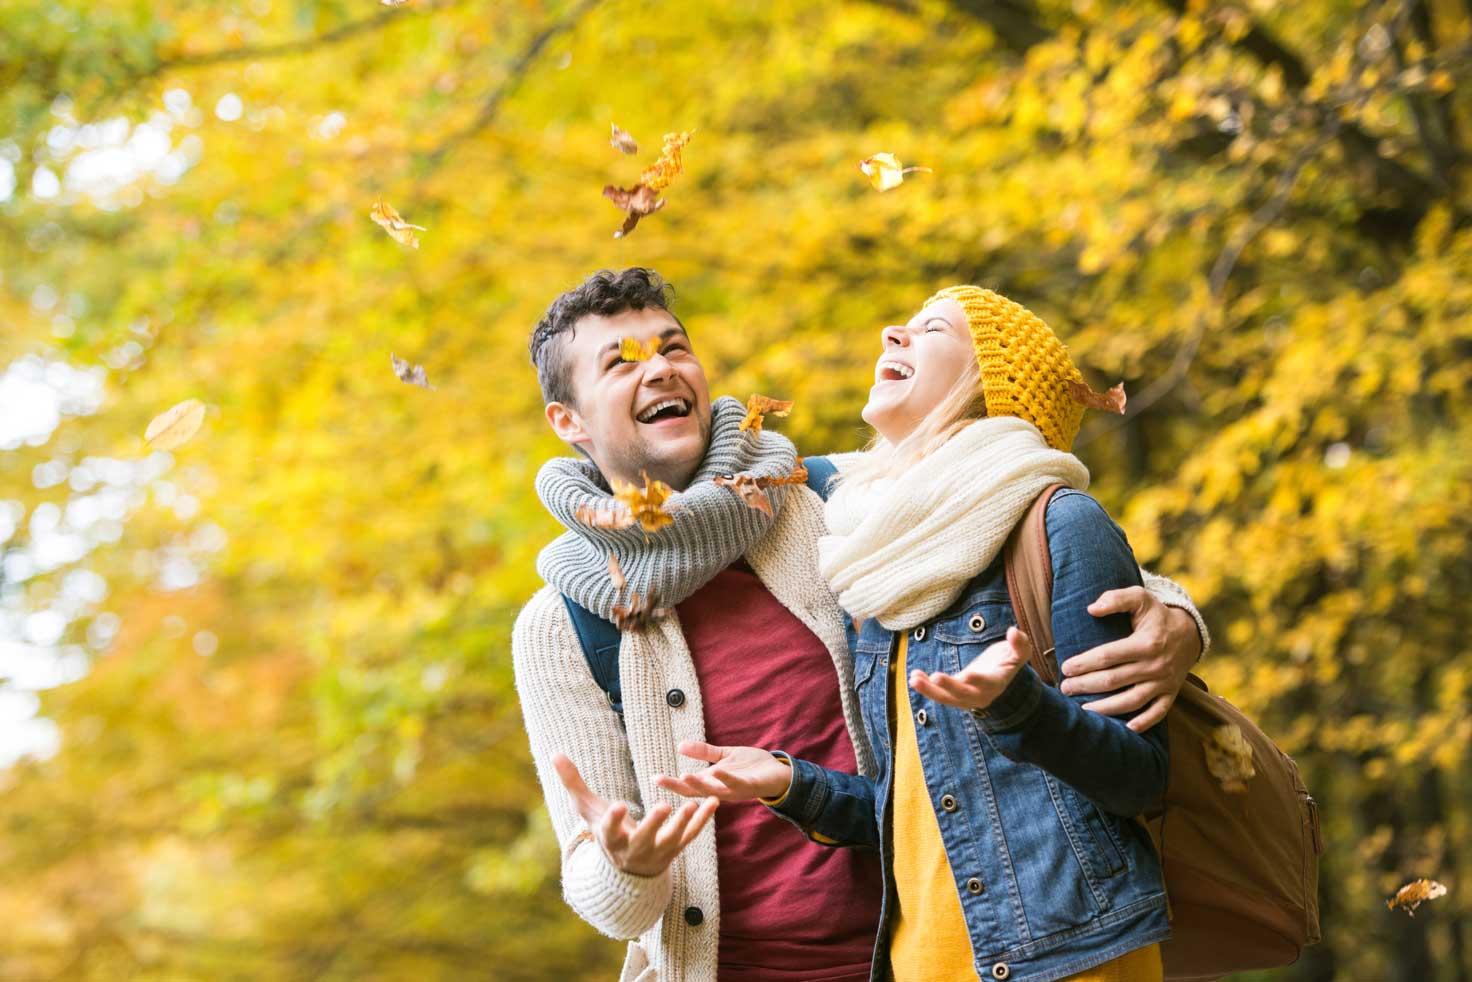 Couple enjoying autumn leaves